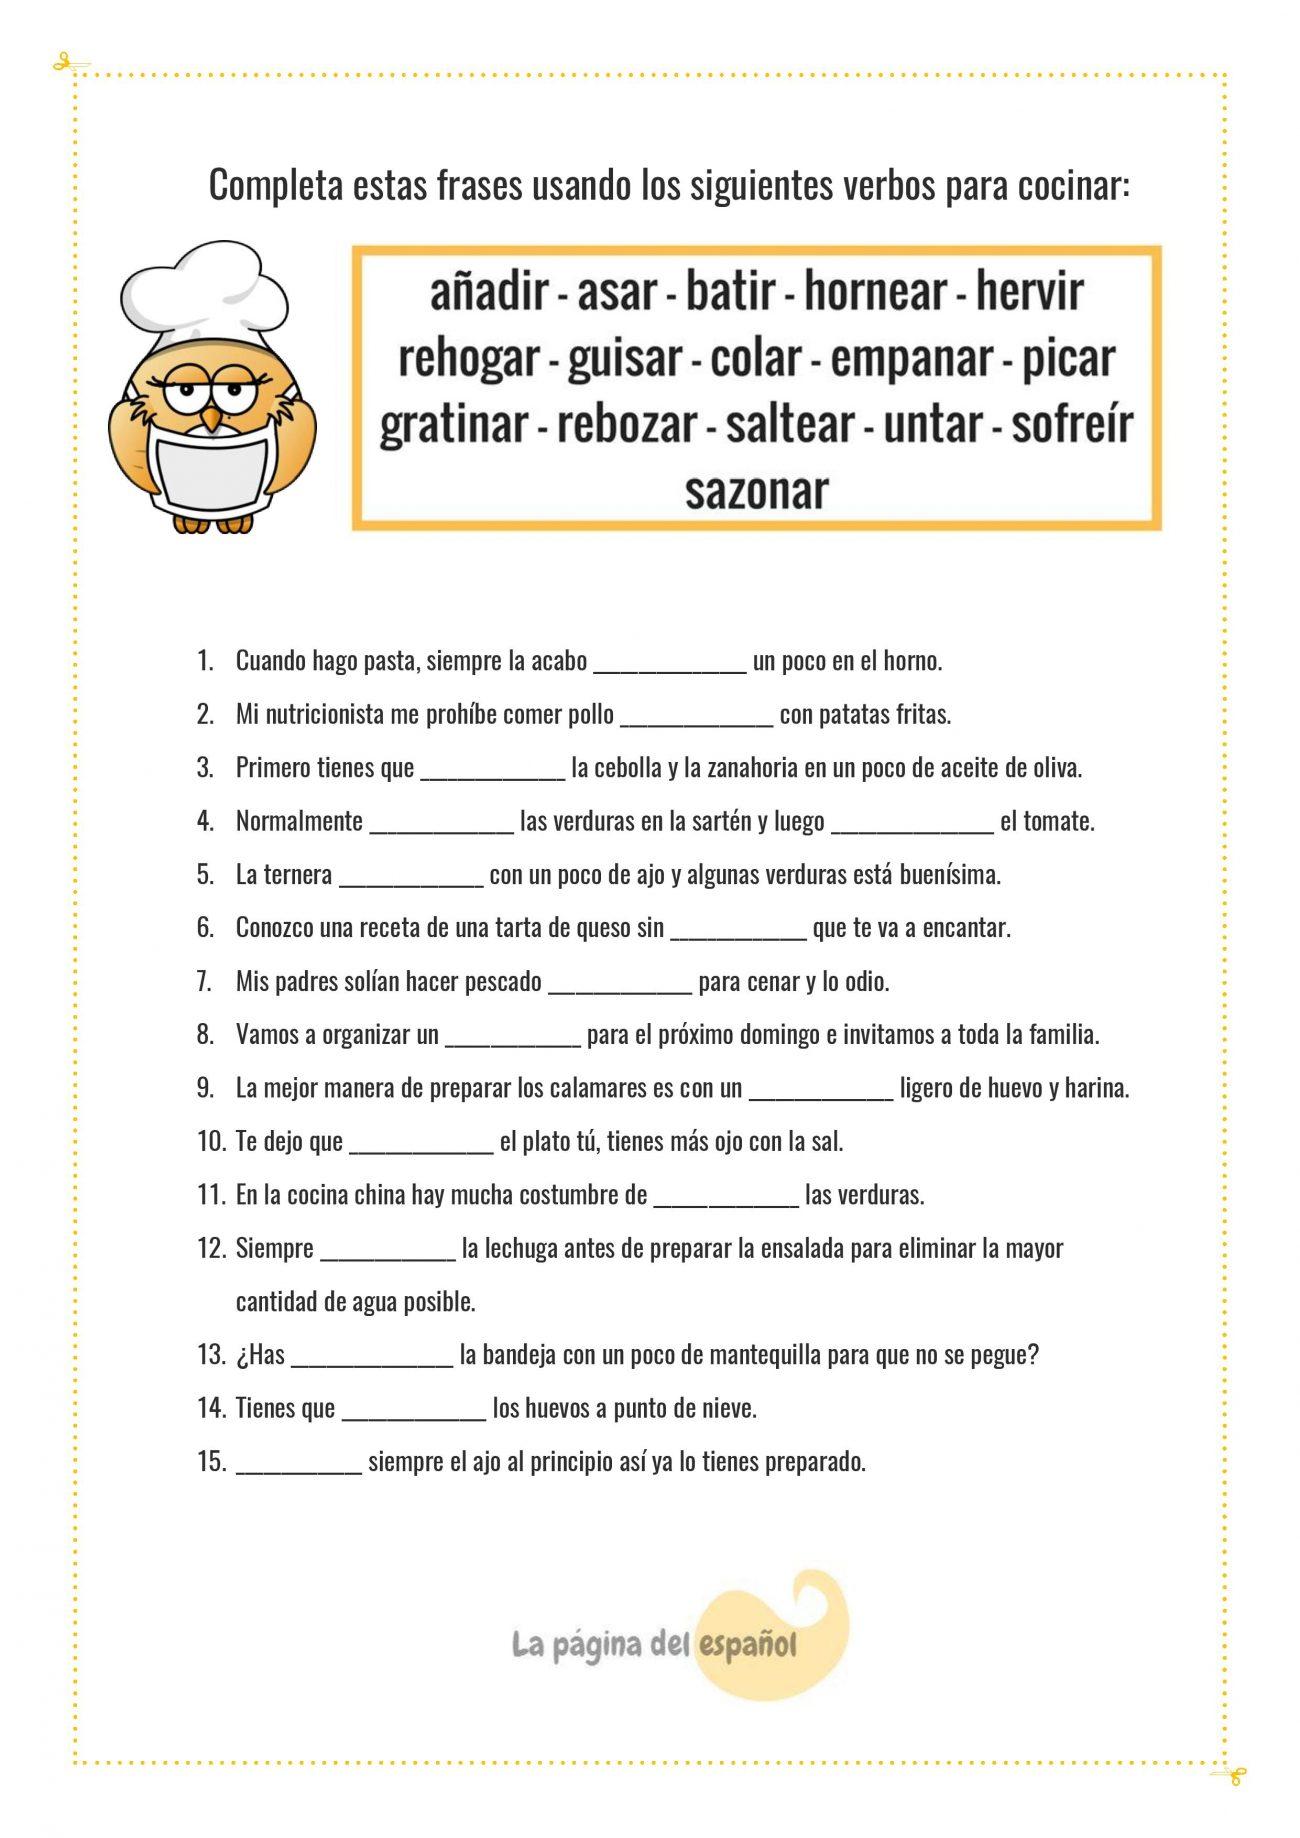 Frases Con Verbos Para Cocinar La Página Del Español